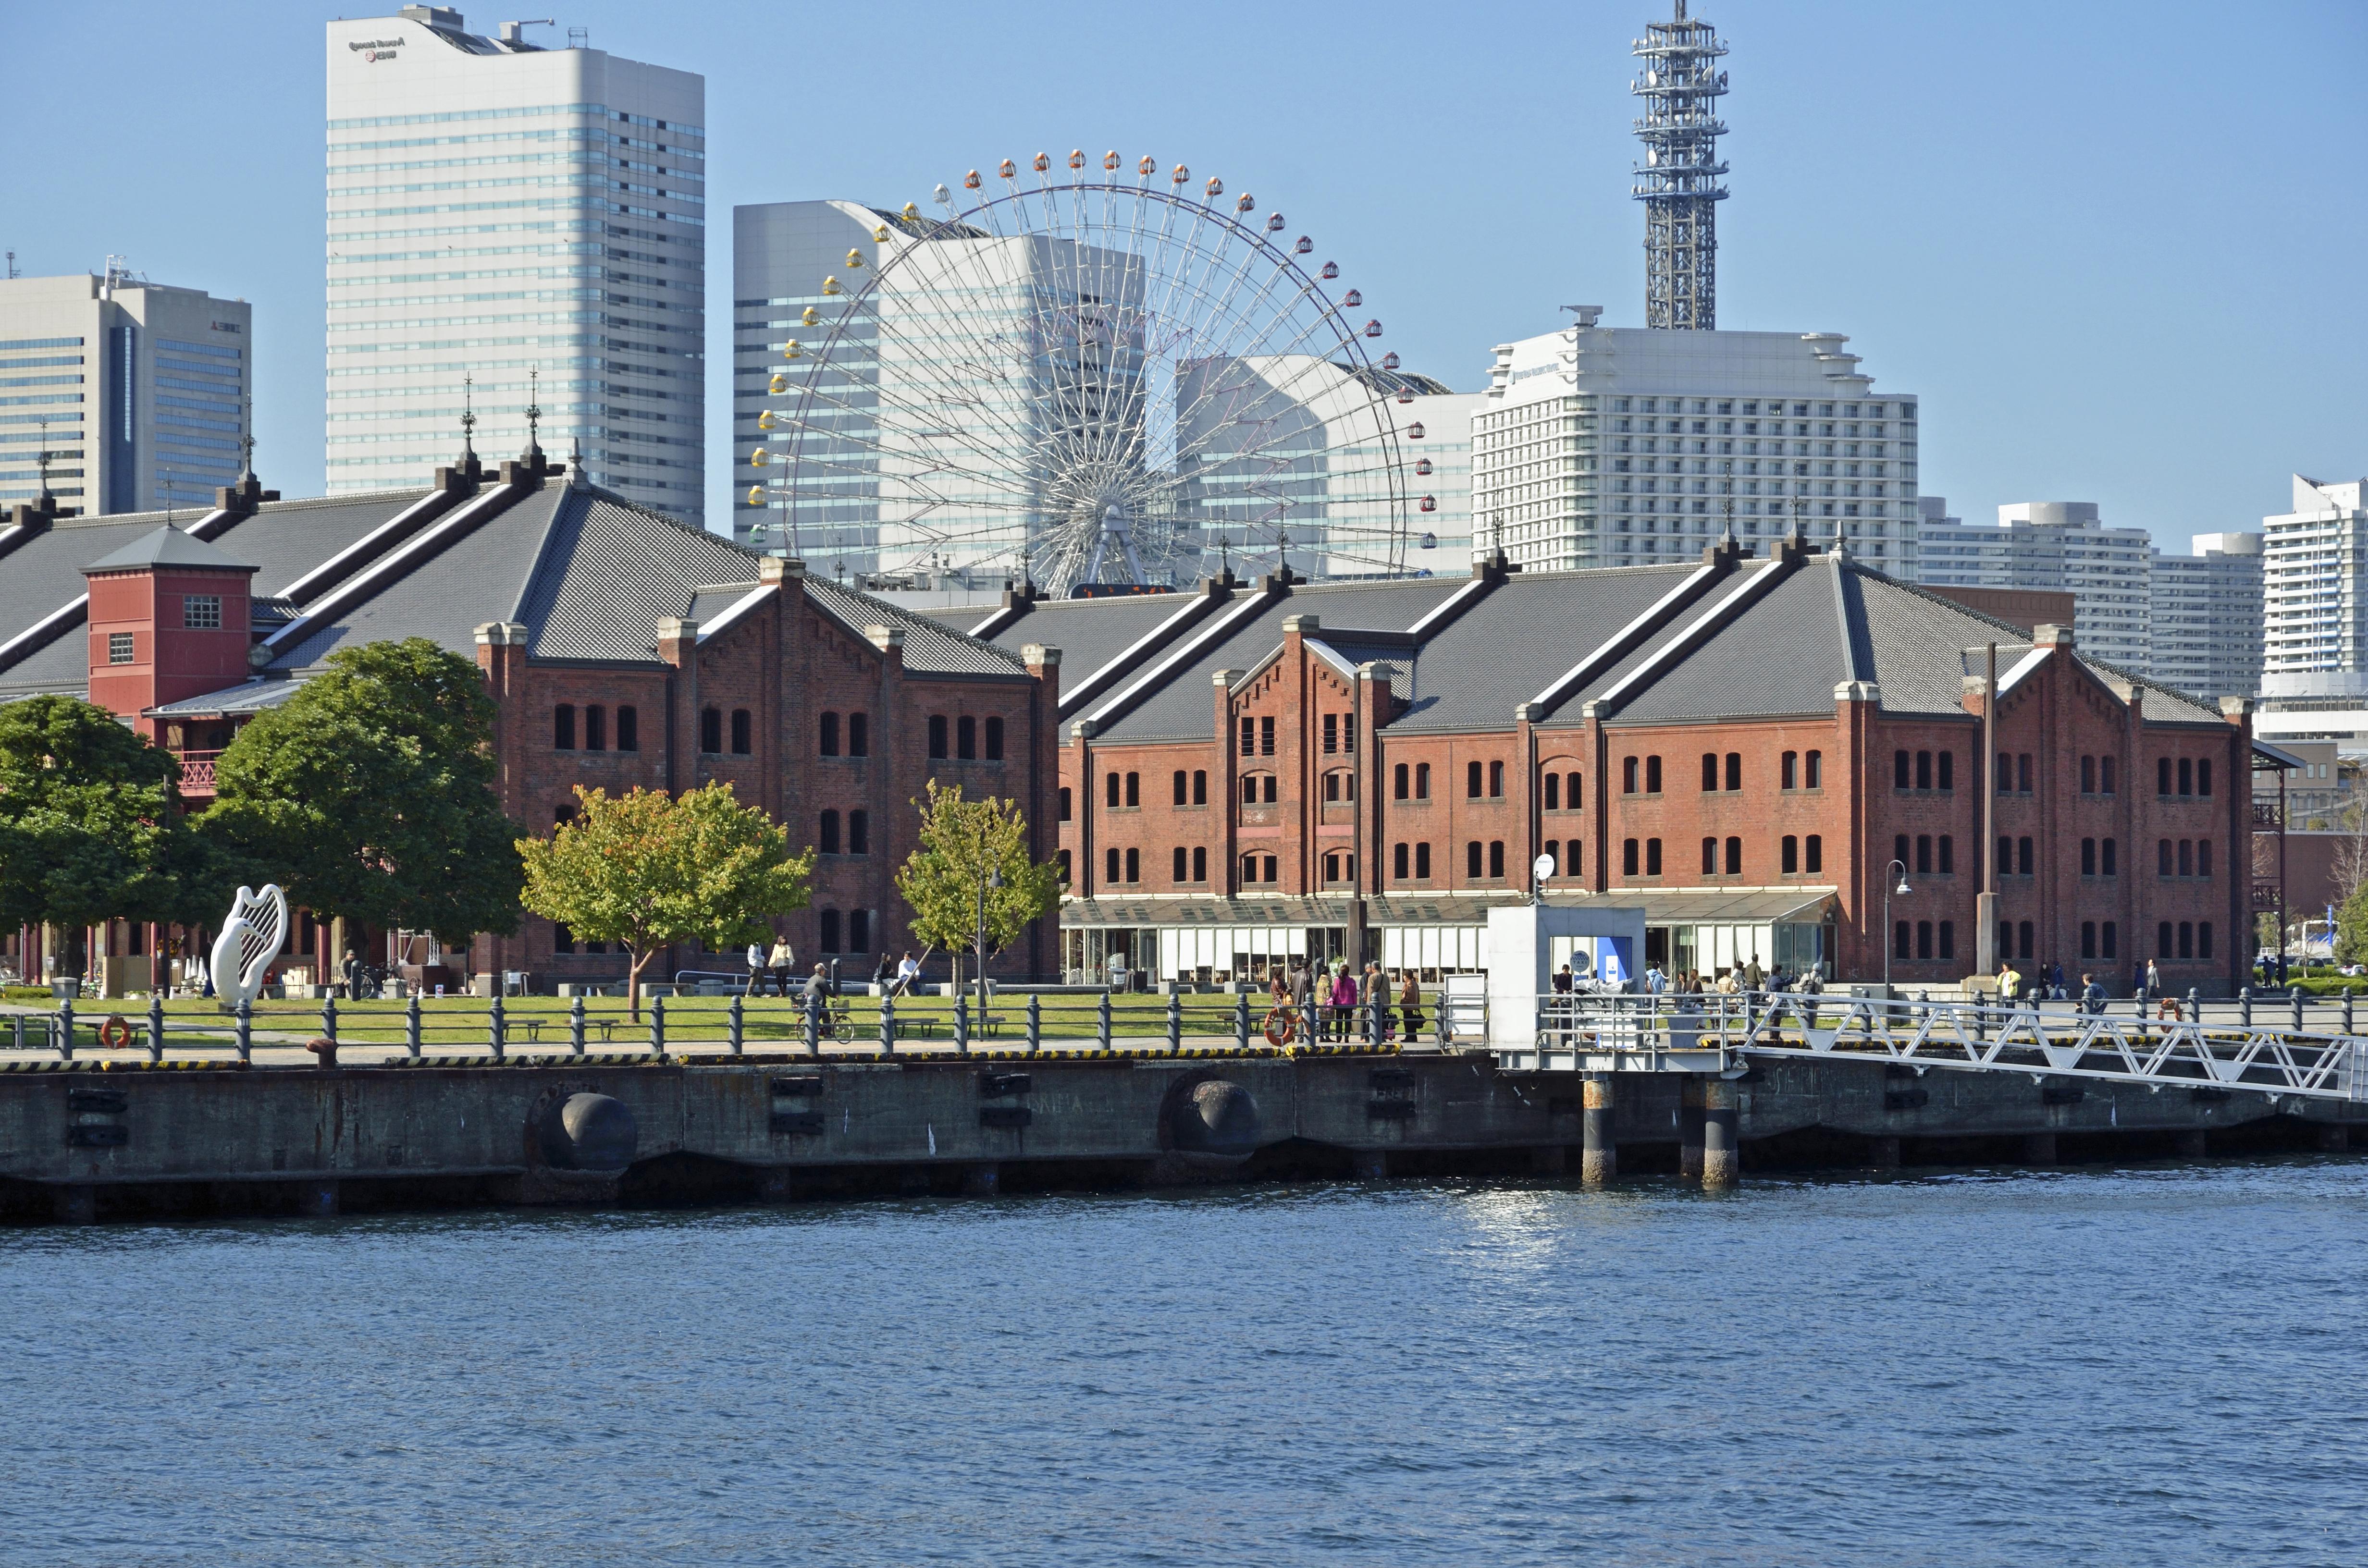 横浜の海から見た赤レンガ倉庫とみなとみらい21地区